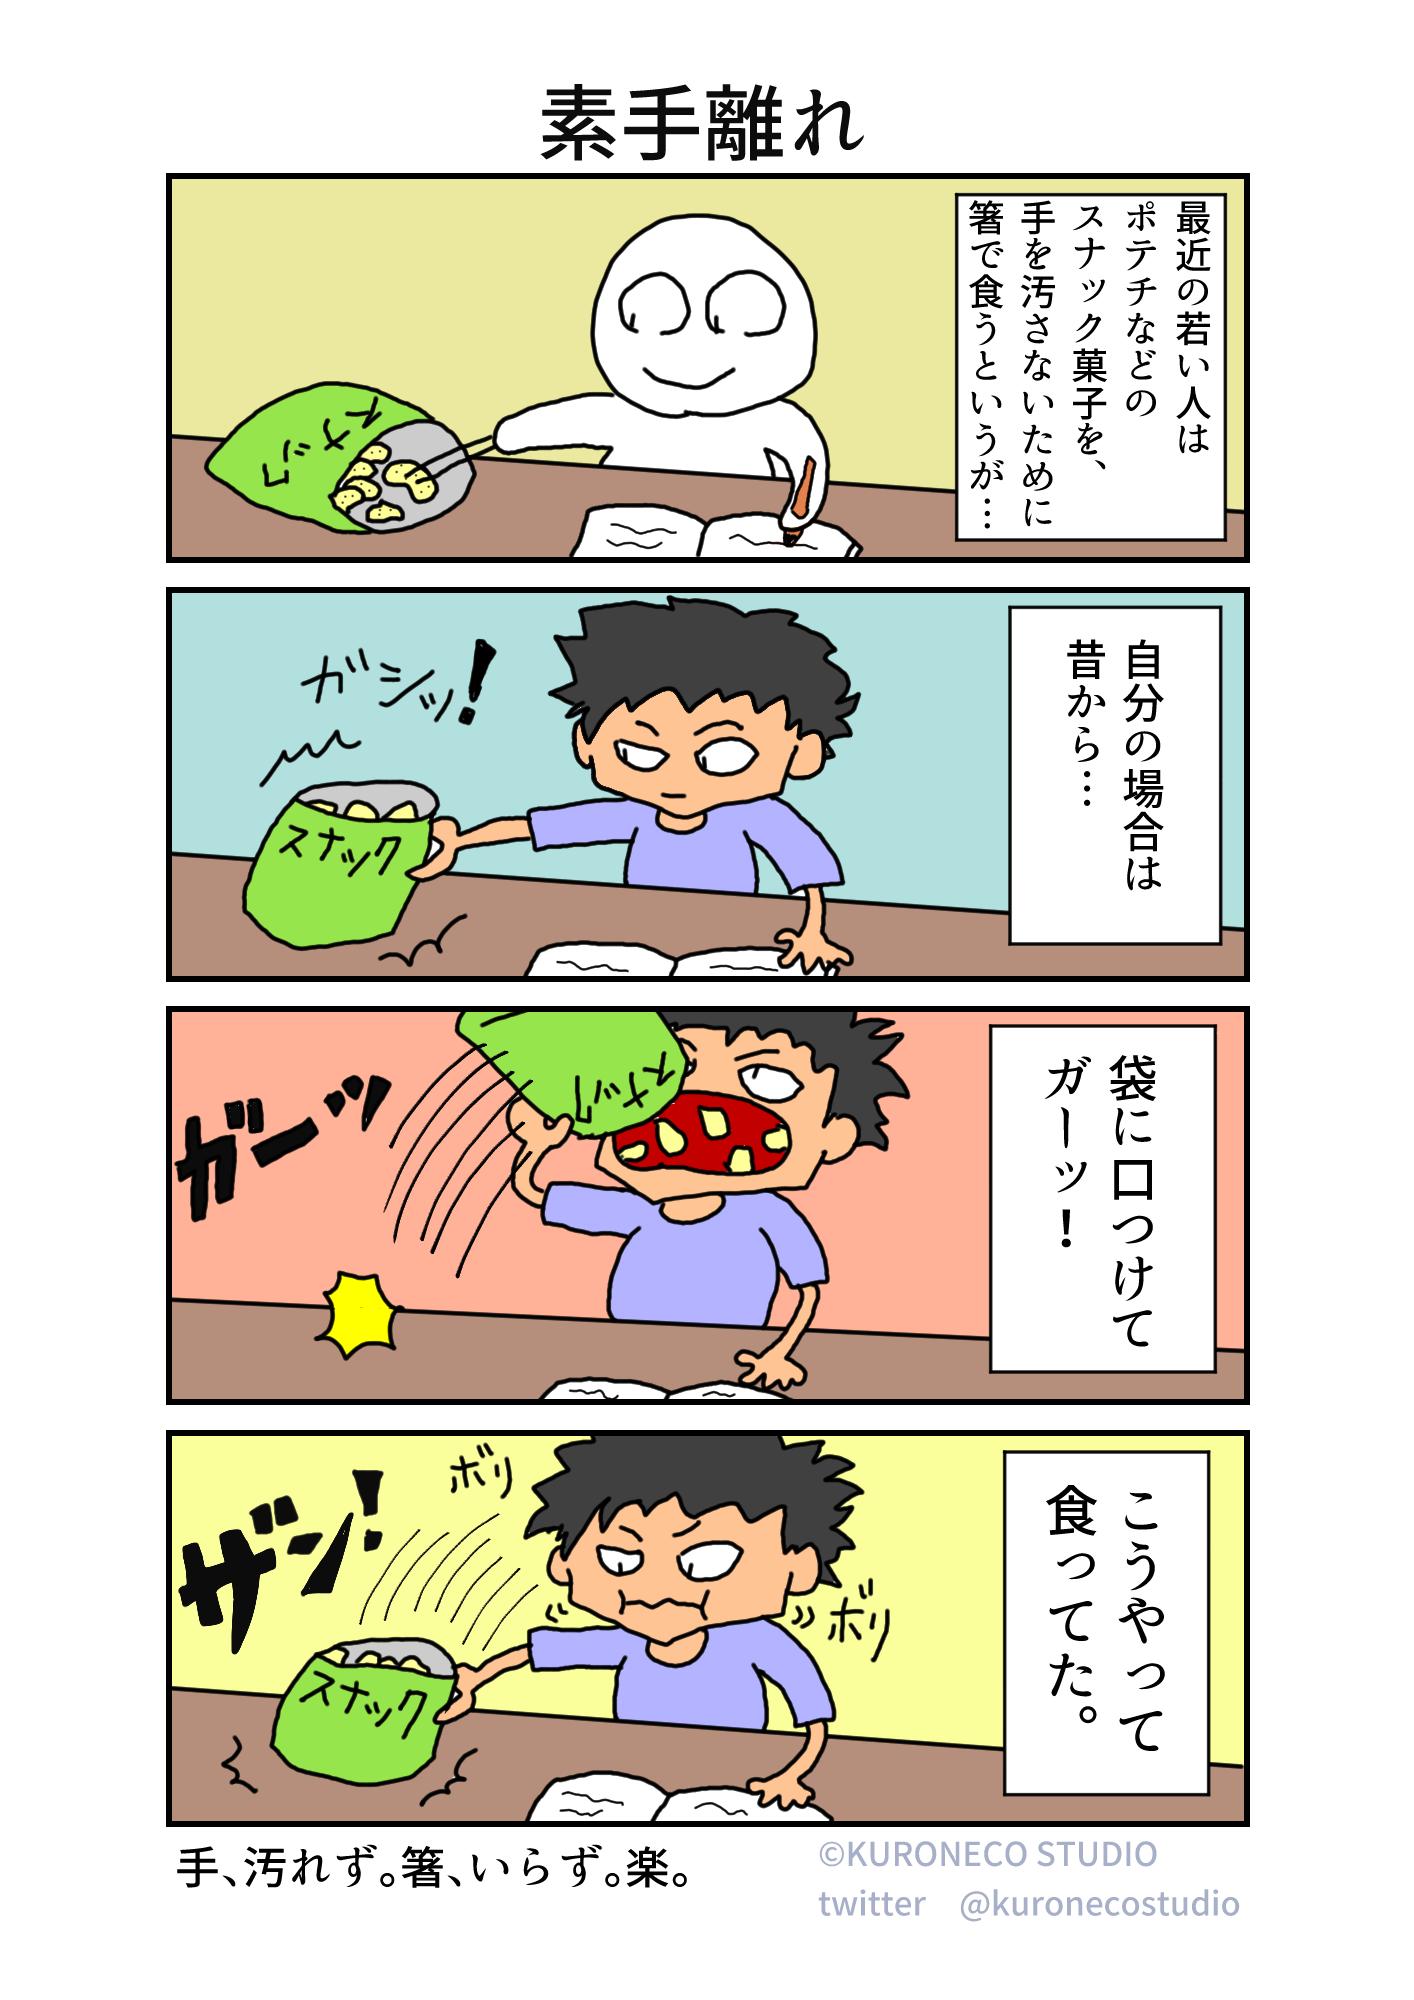 jibun_manga_0000